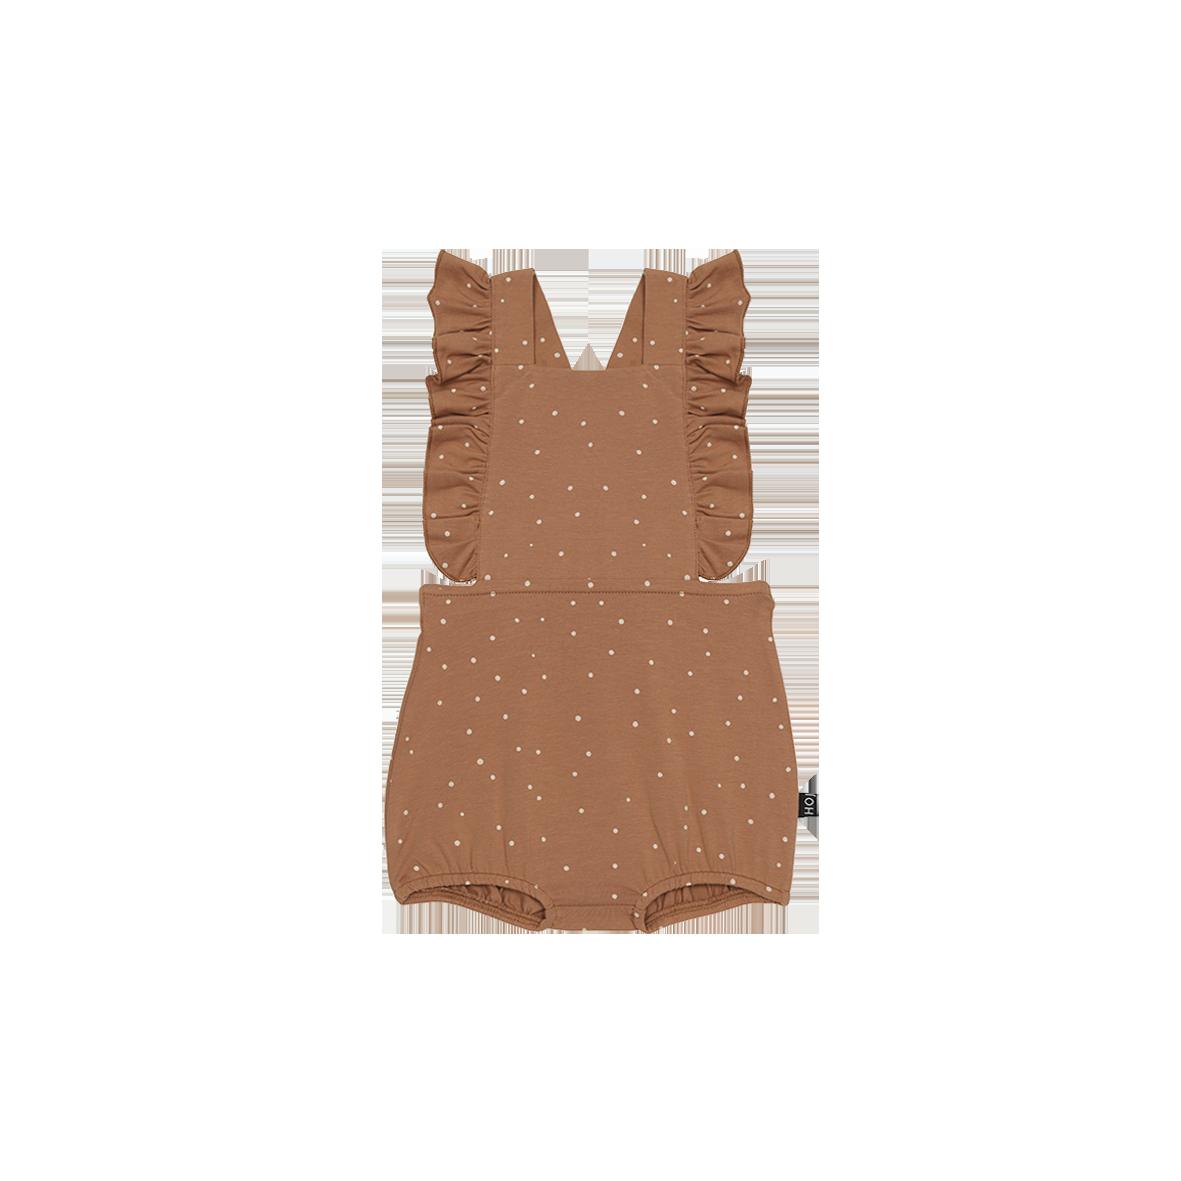 Ruffled Baby Salopette Burnt ginger Dots